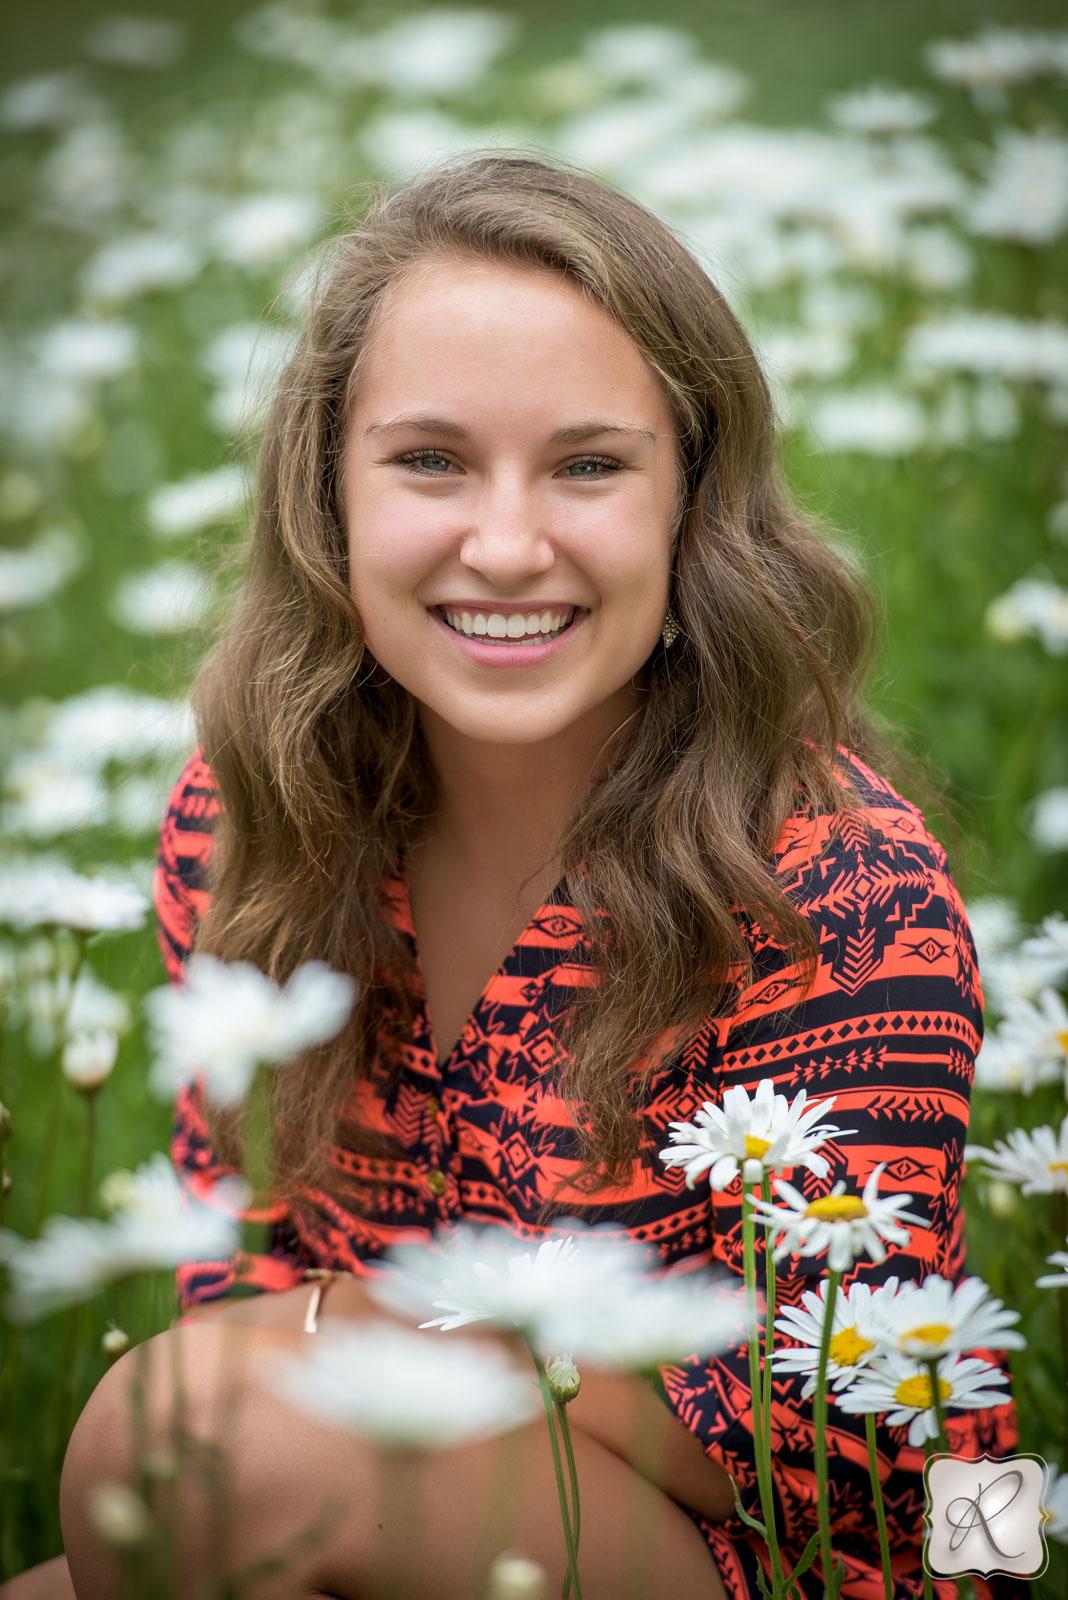 Jade Sanders senior pictures - fields of flowers